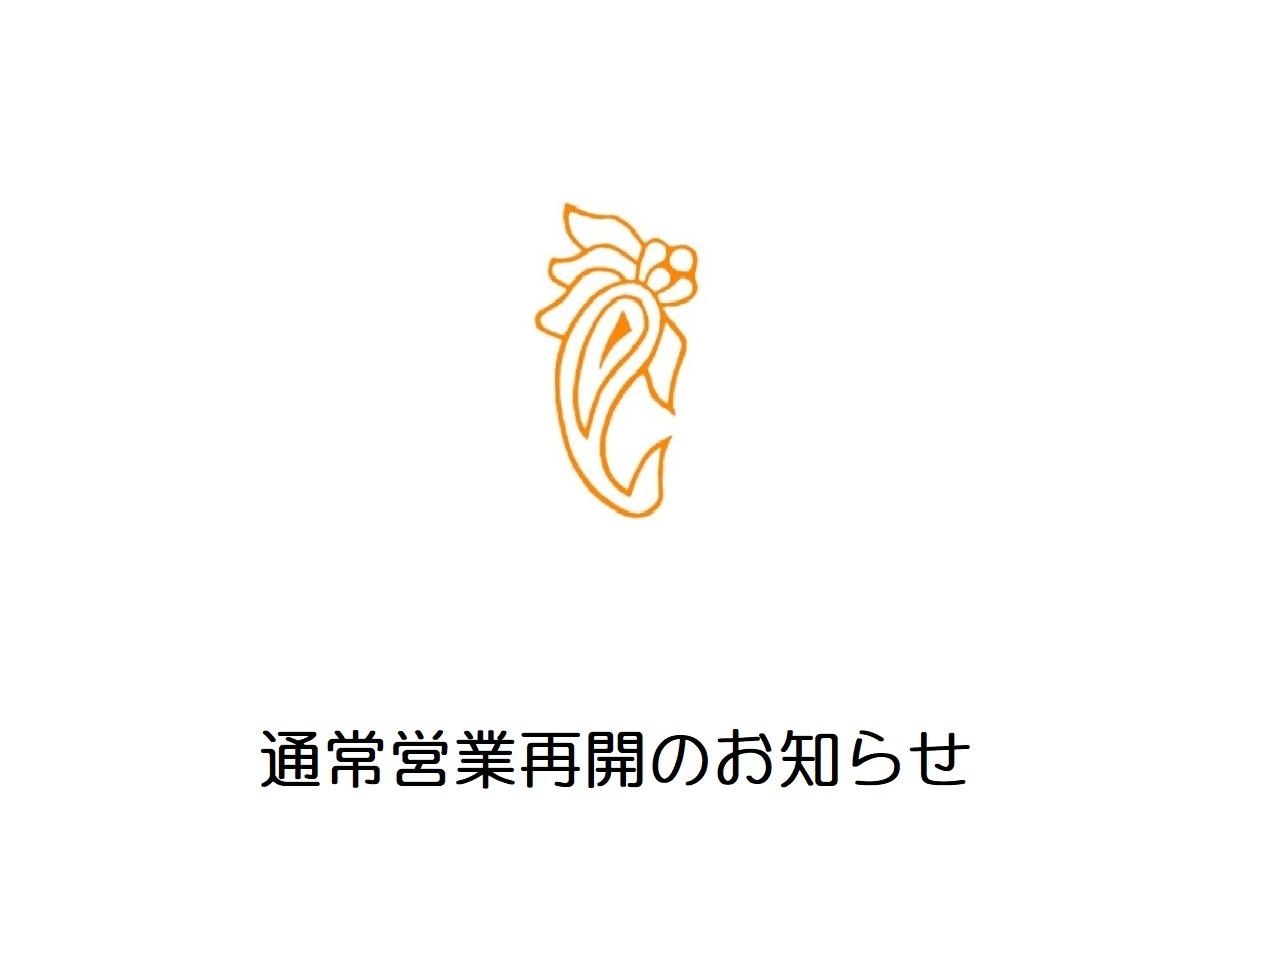 通常営業再開のお知らせ_e0295731_19342624.jpg